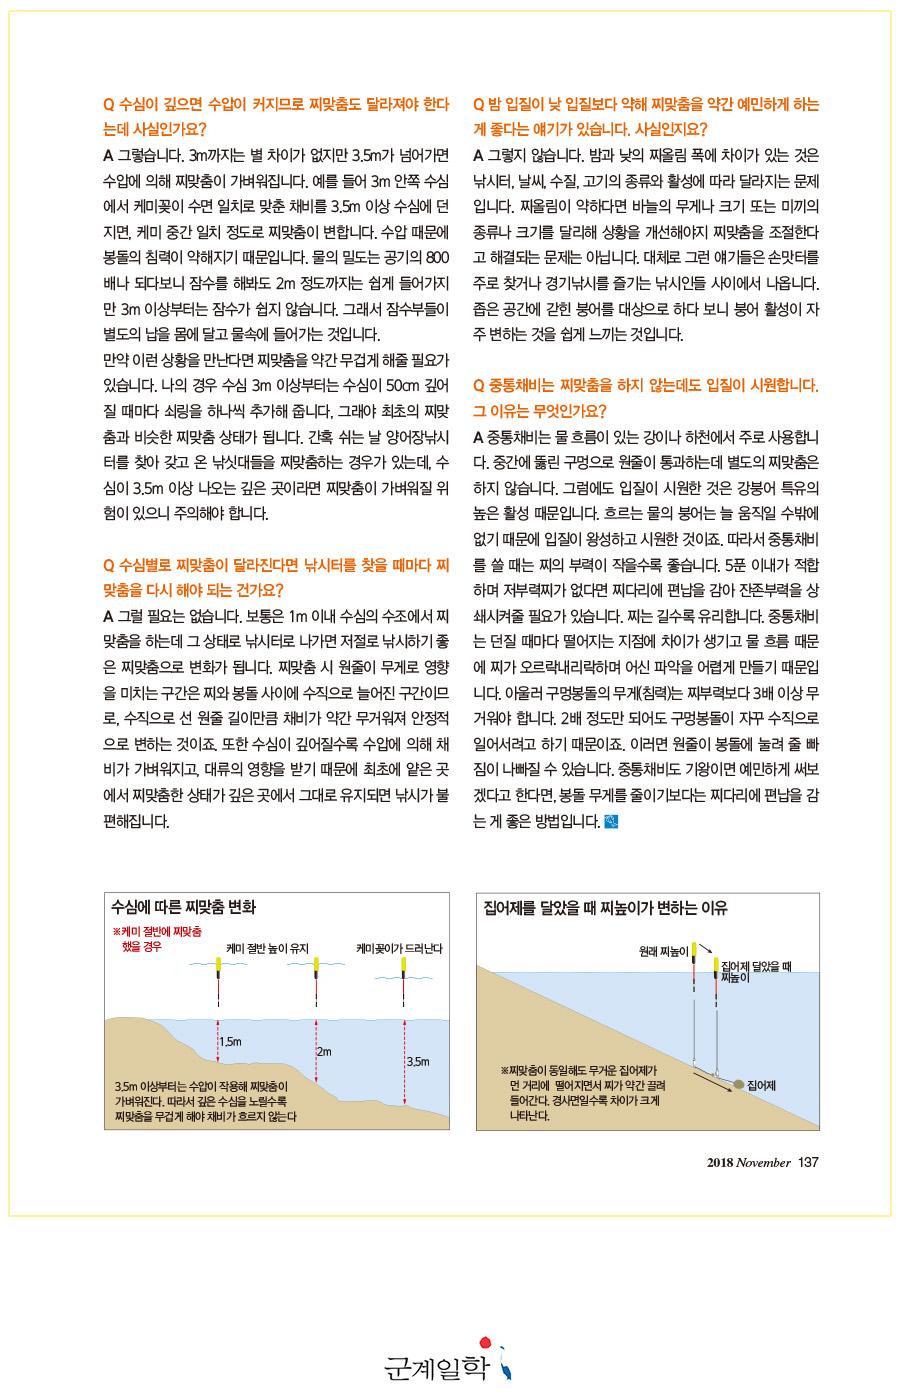 낚시춘추 2018년 11월호 - 특집.붕어낚시 찌맞춤의 정석 3.jpg